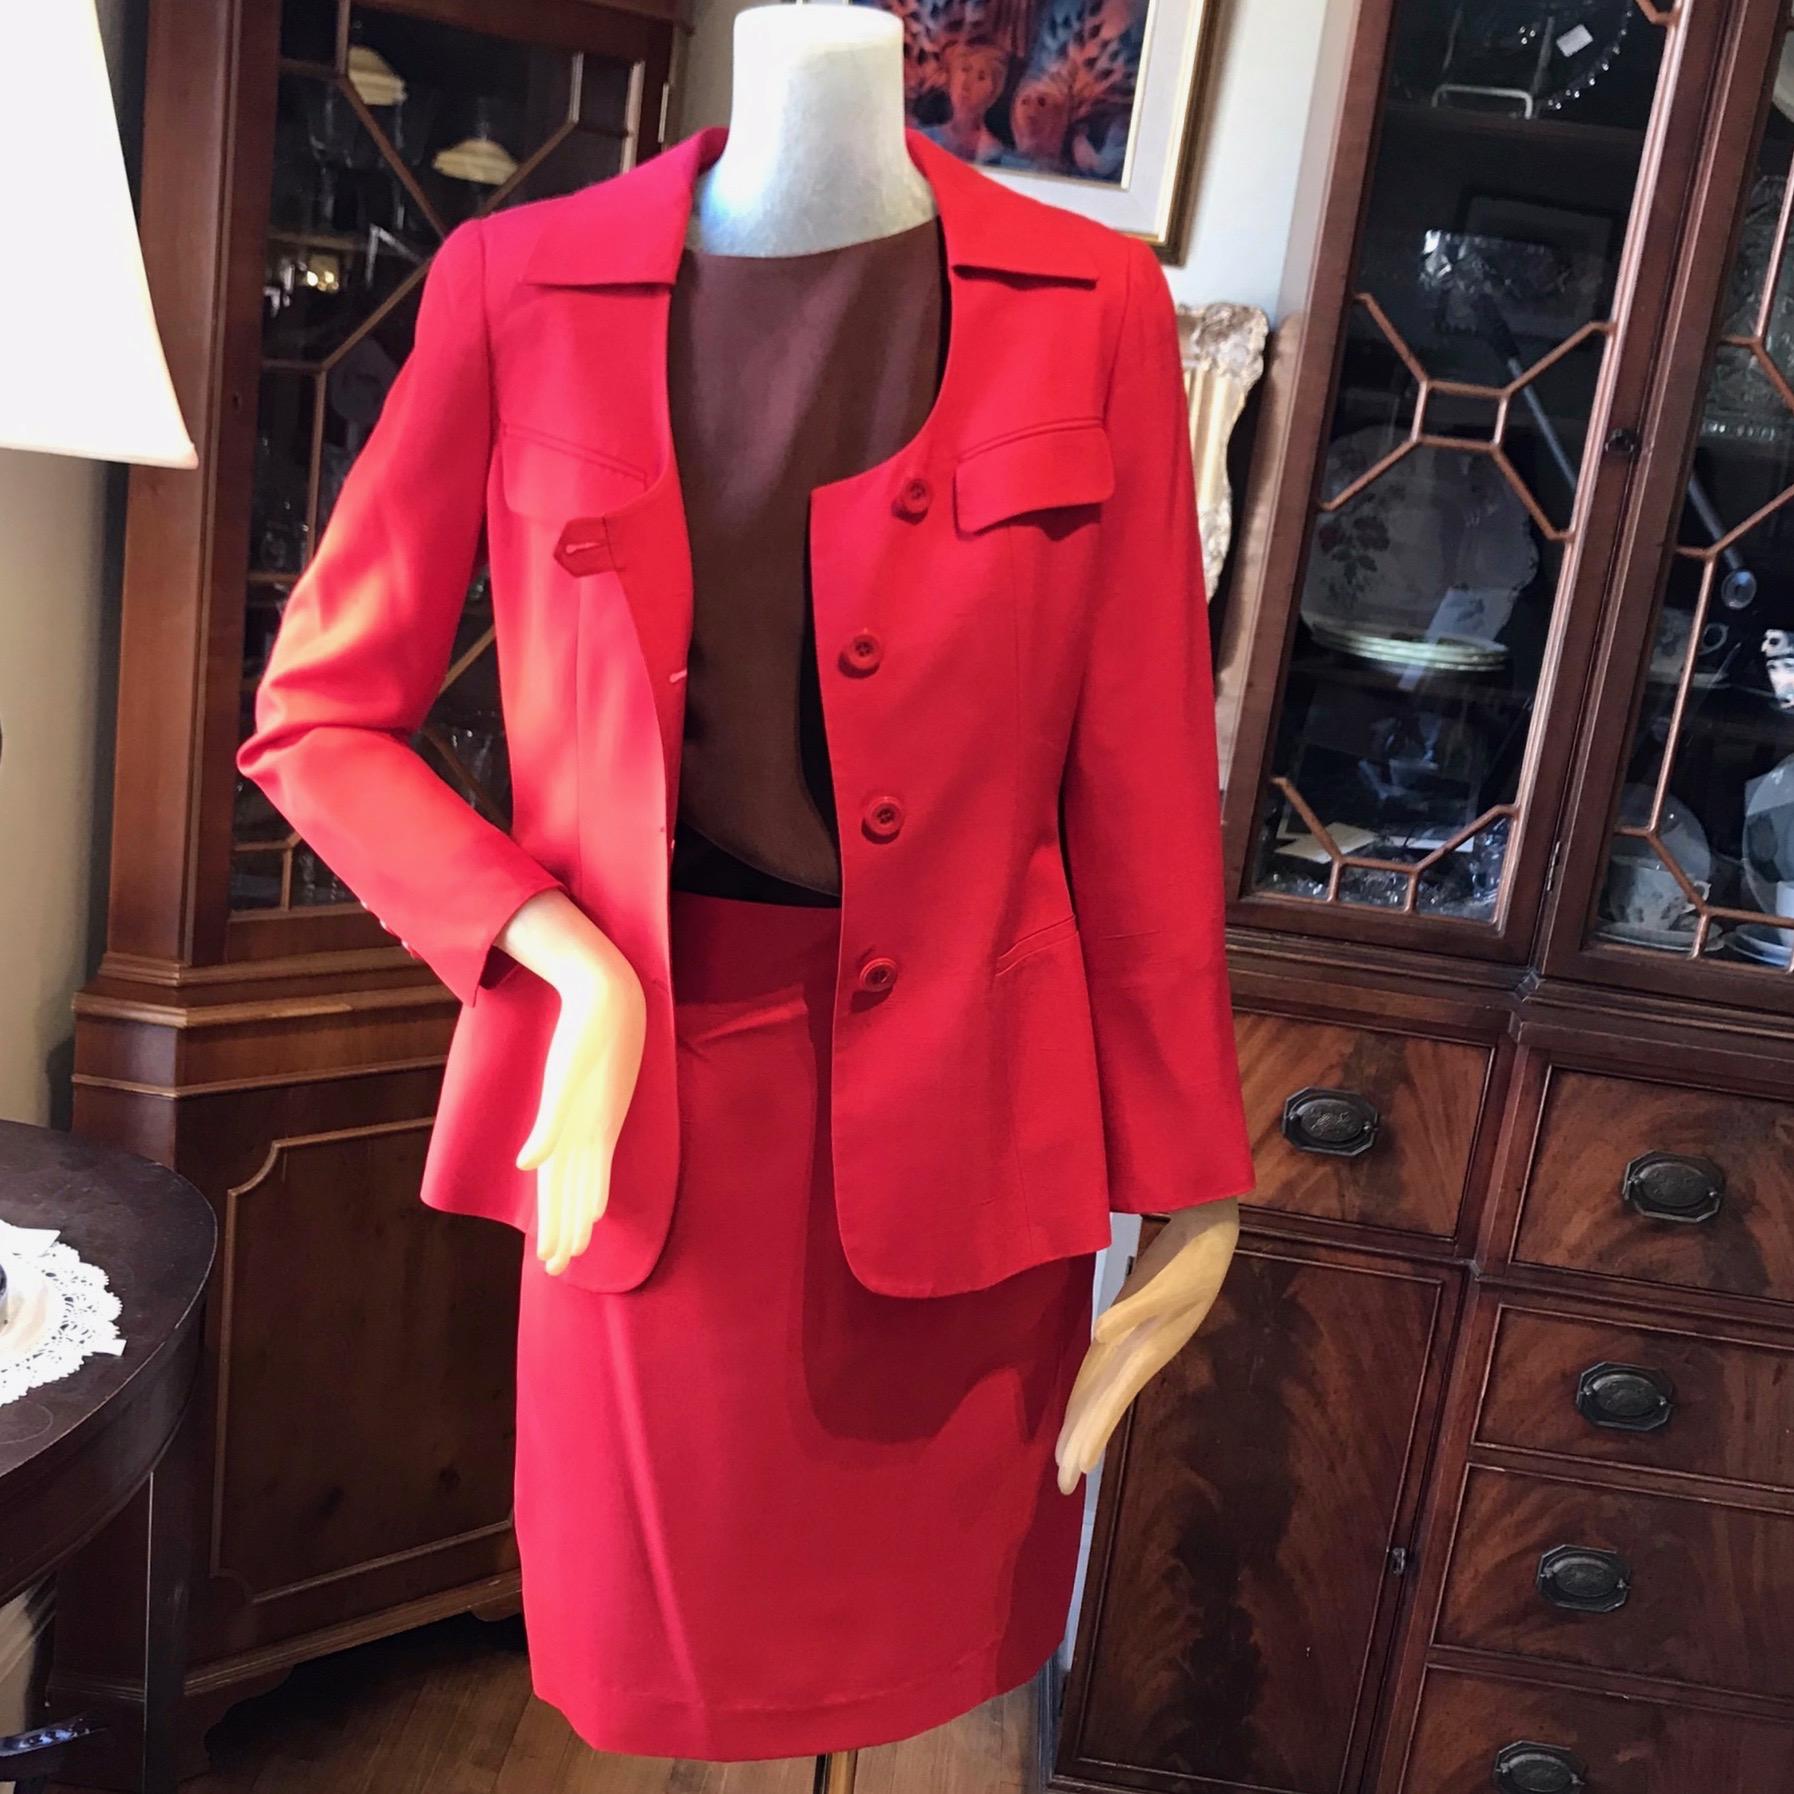 Red Italian Suit (1970s)